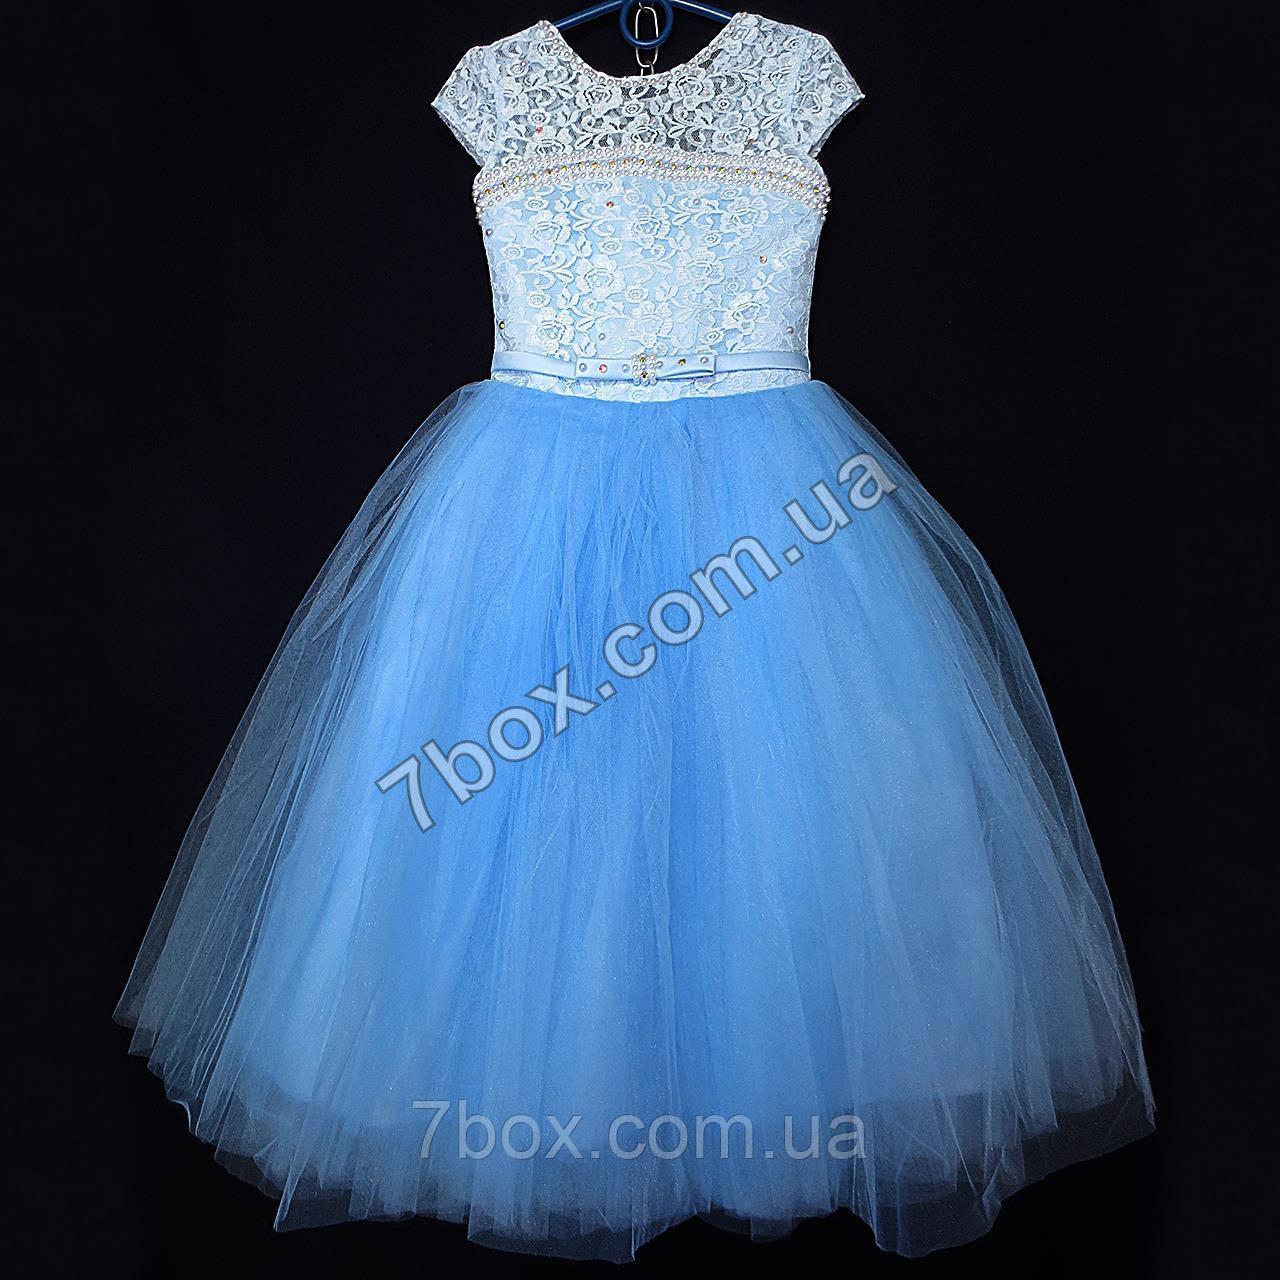 Детское нарядное платье бальное Бэль (голубое) Возраст 6-7 лет.